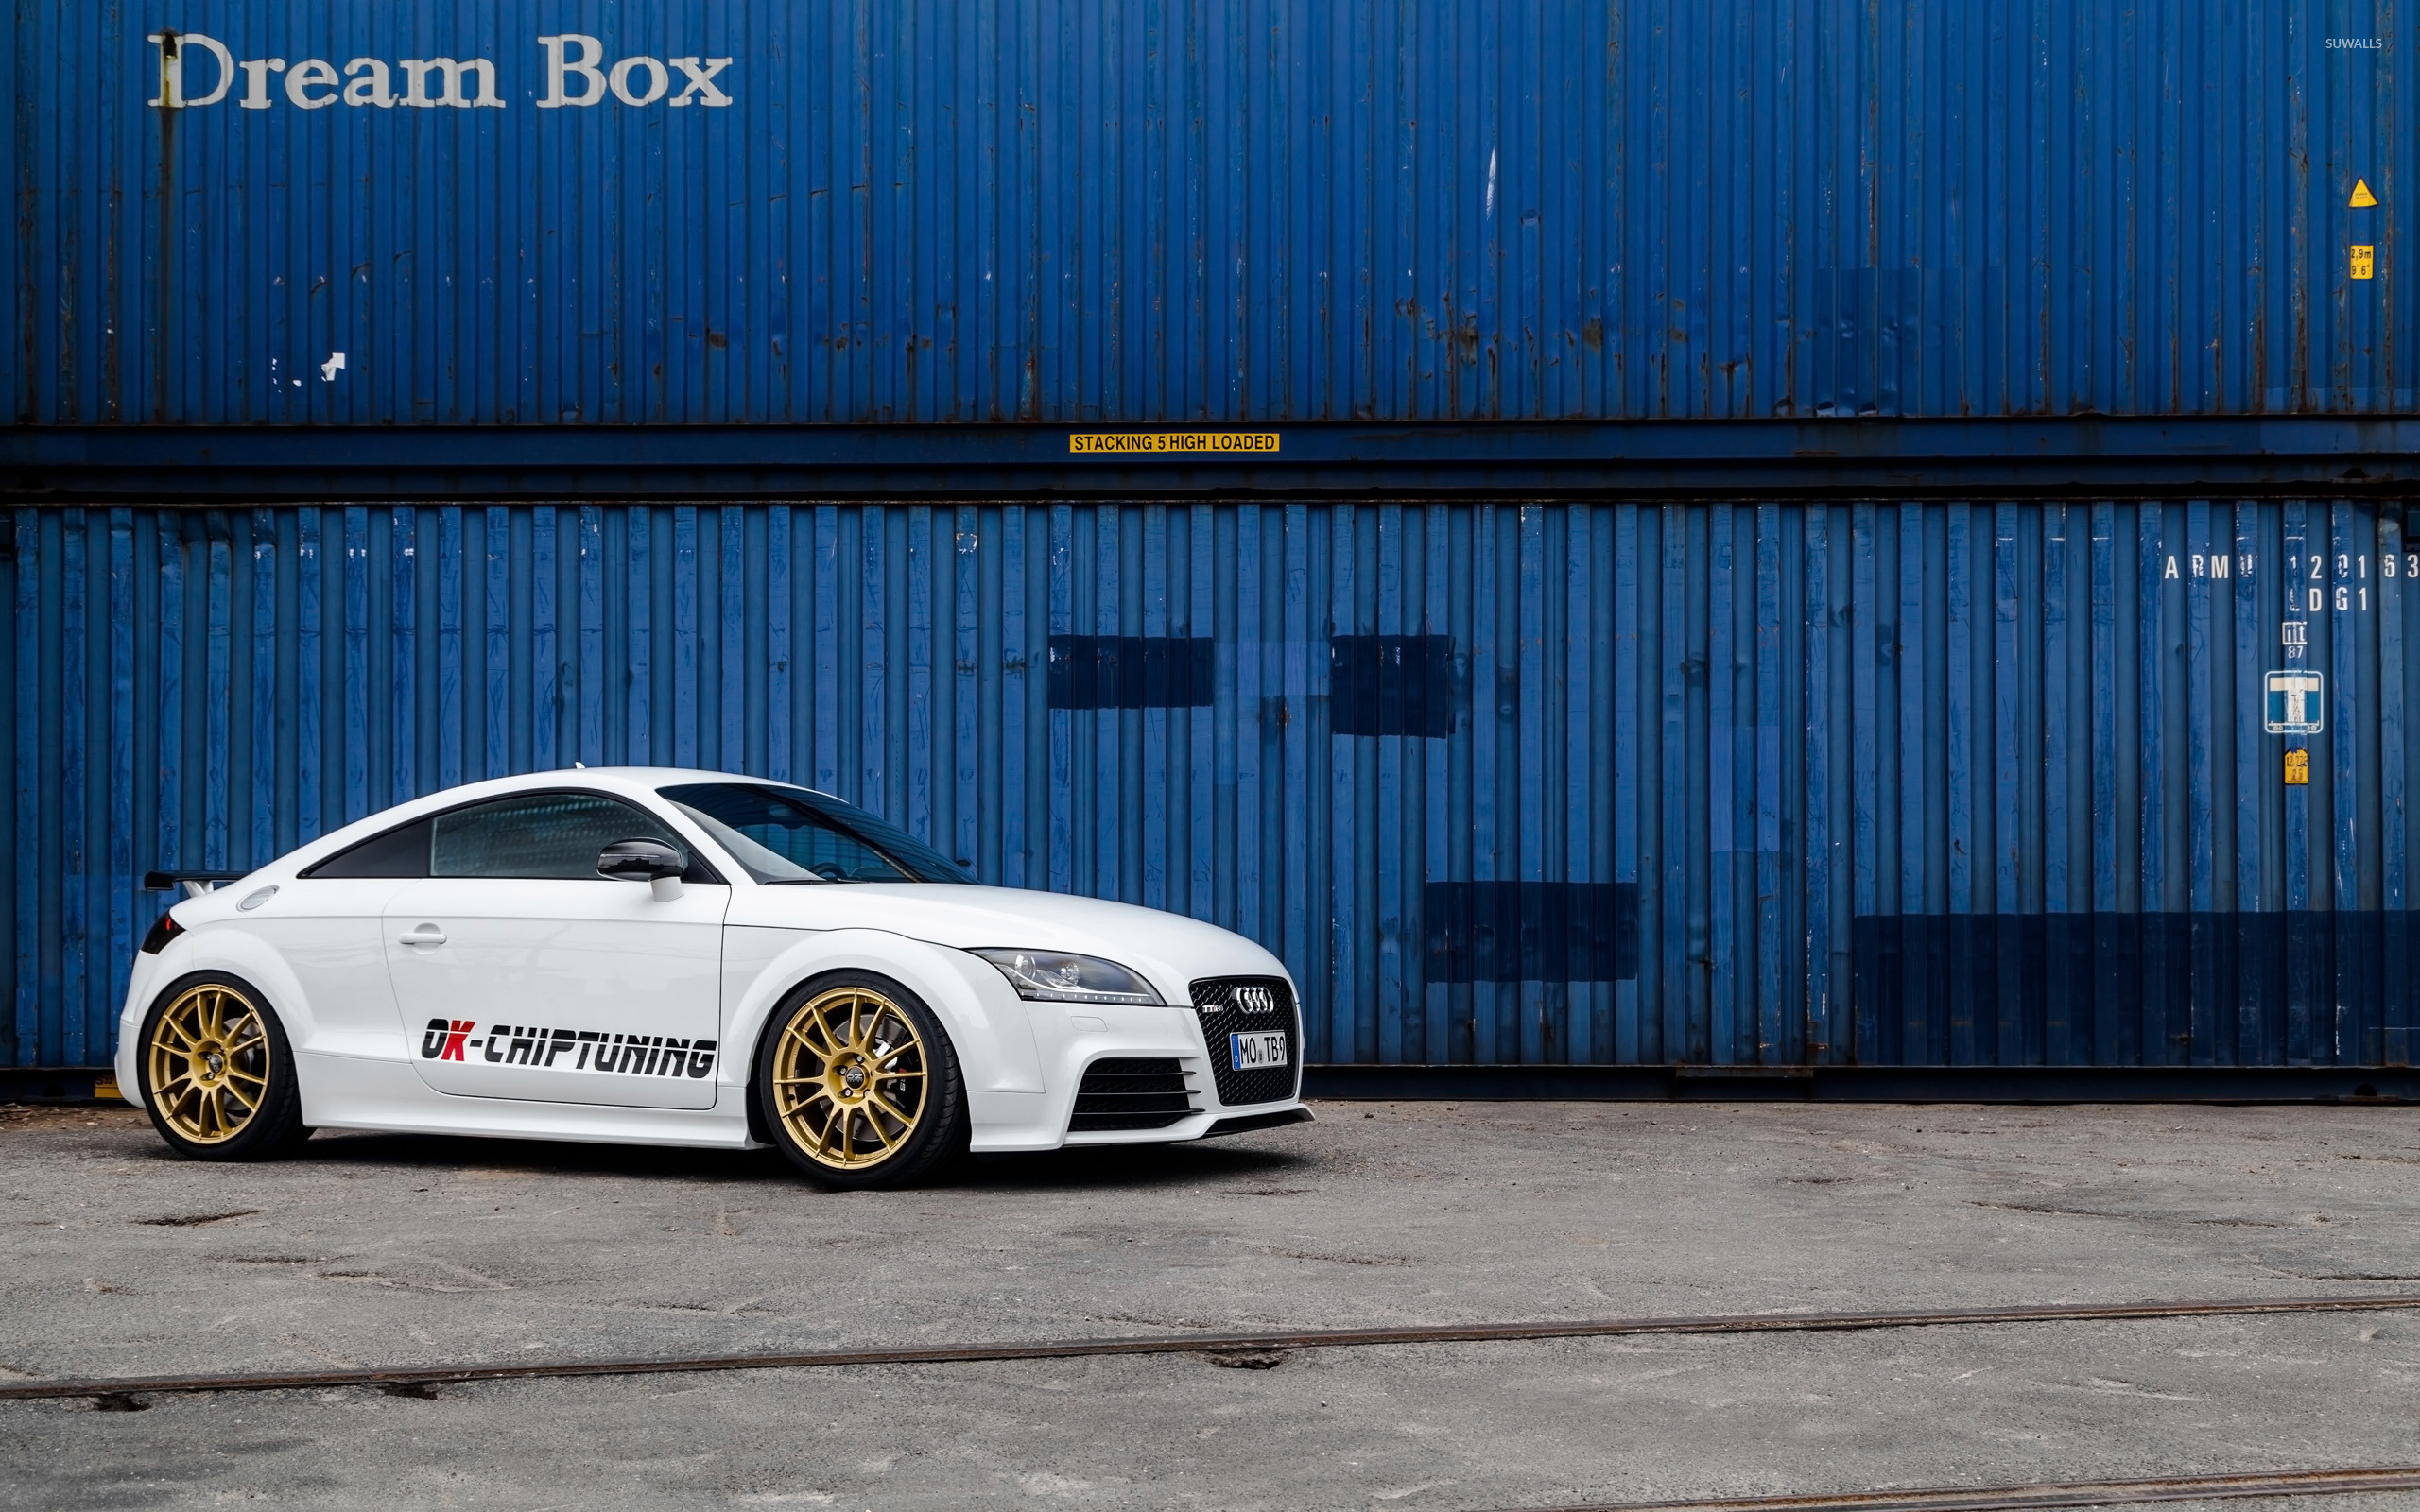 2014 Ok Chiptuning Audi Tt Rs 8 Wallpaper Car Wallpapers